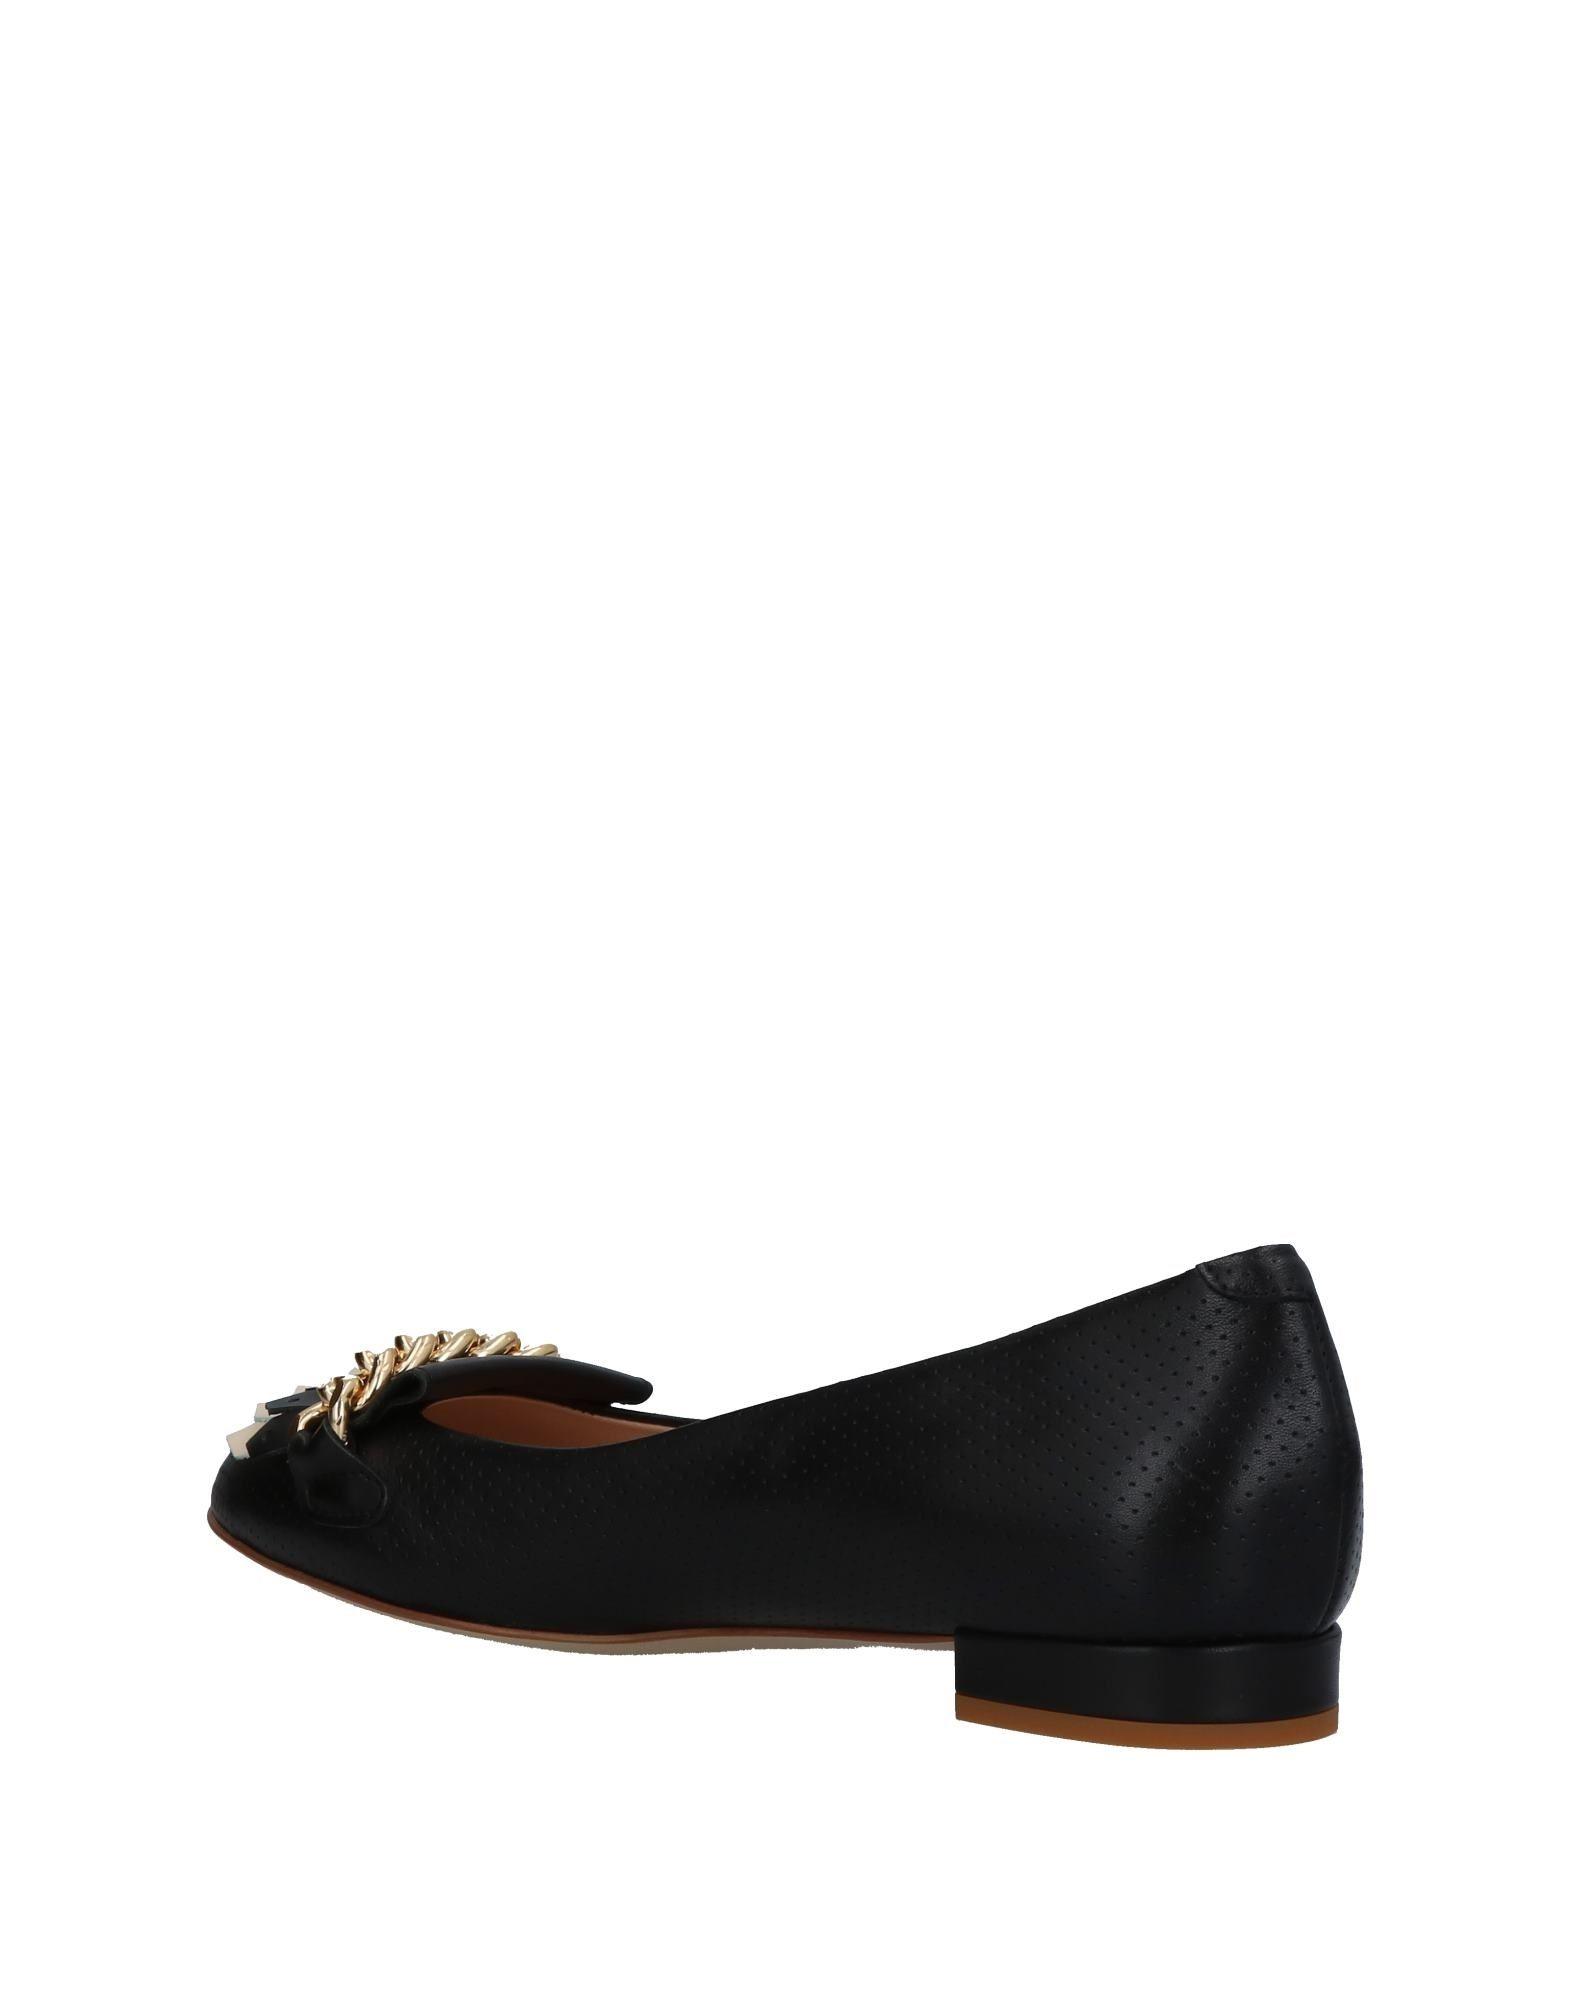 F.Lli Bruglia Mokassins Qualität Damen  11408785SV Gute Qualität Mokassins beliebte Schuhe 72070e